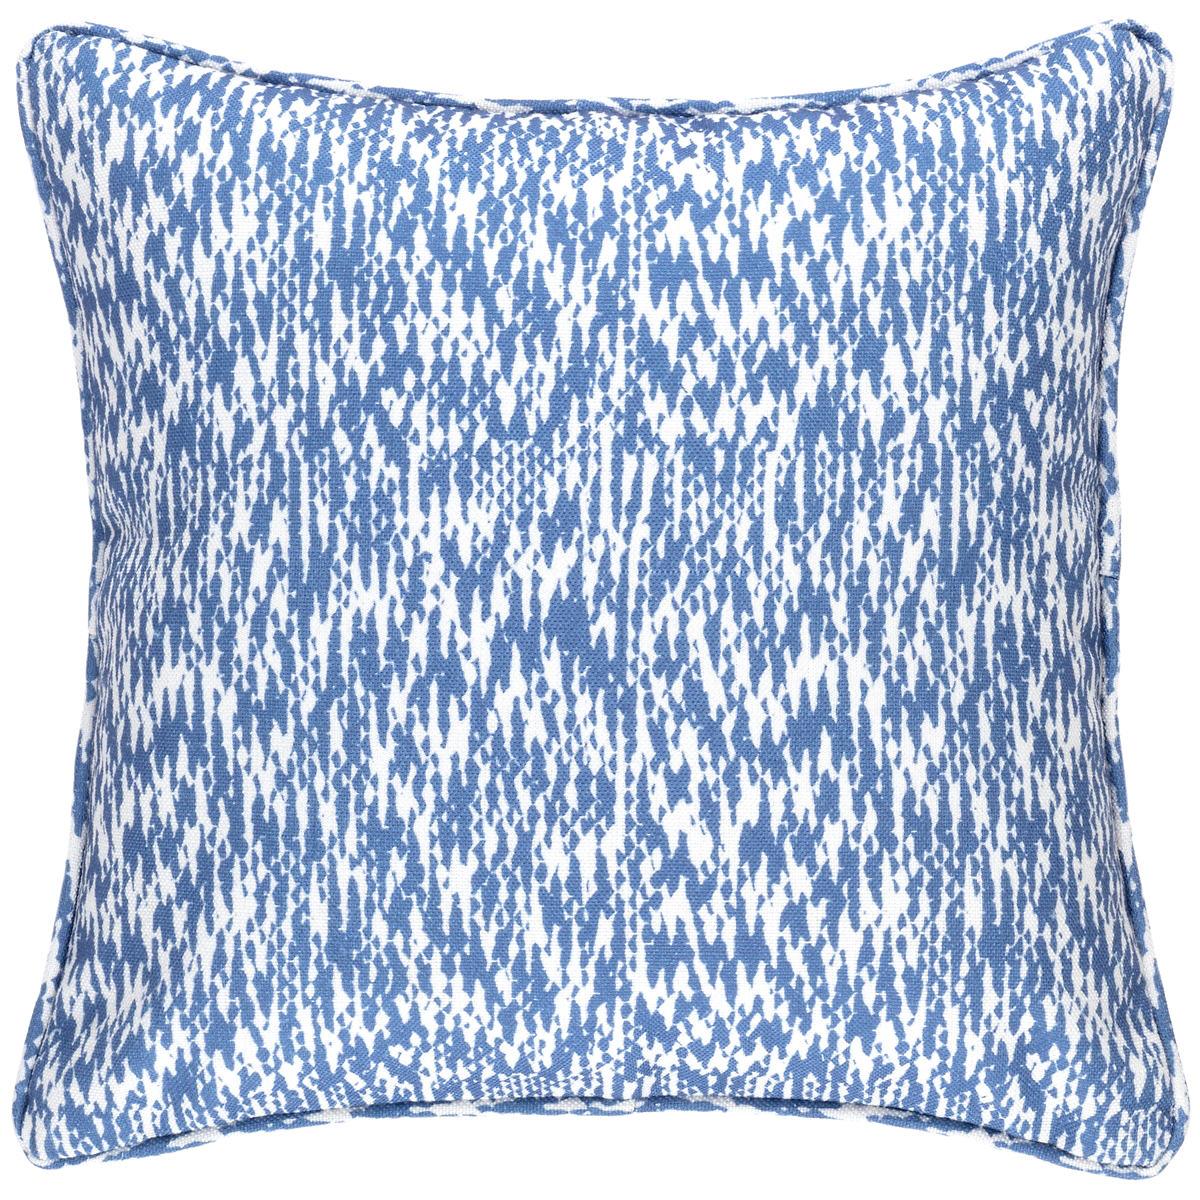 Sea Island Denim Indoor/Outdoor Decorative Pillow